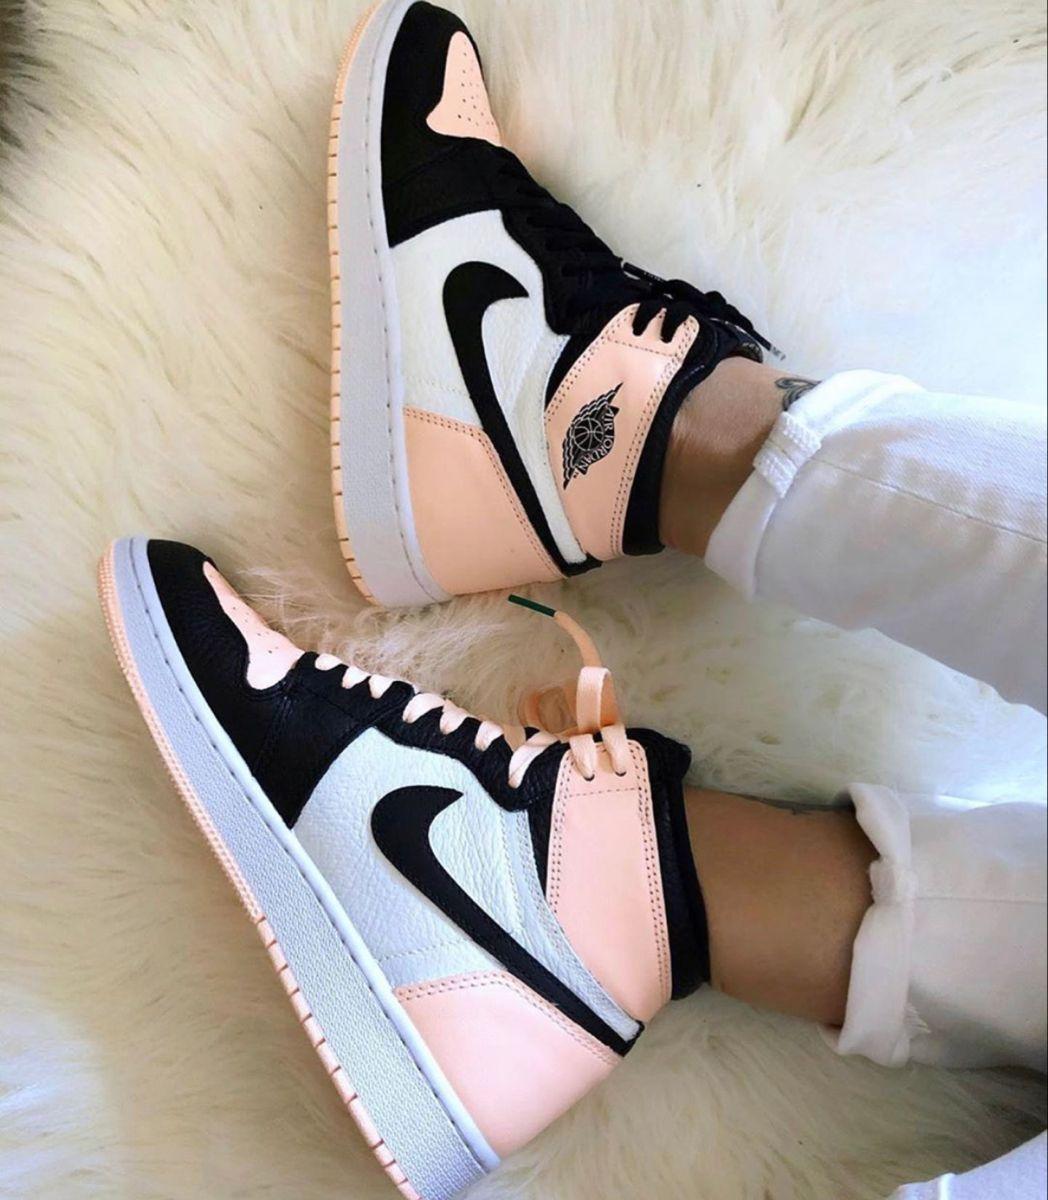 Glossy Baby Pink Air Jordan 1 Retro in